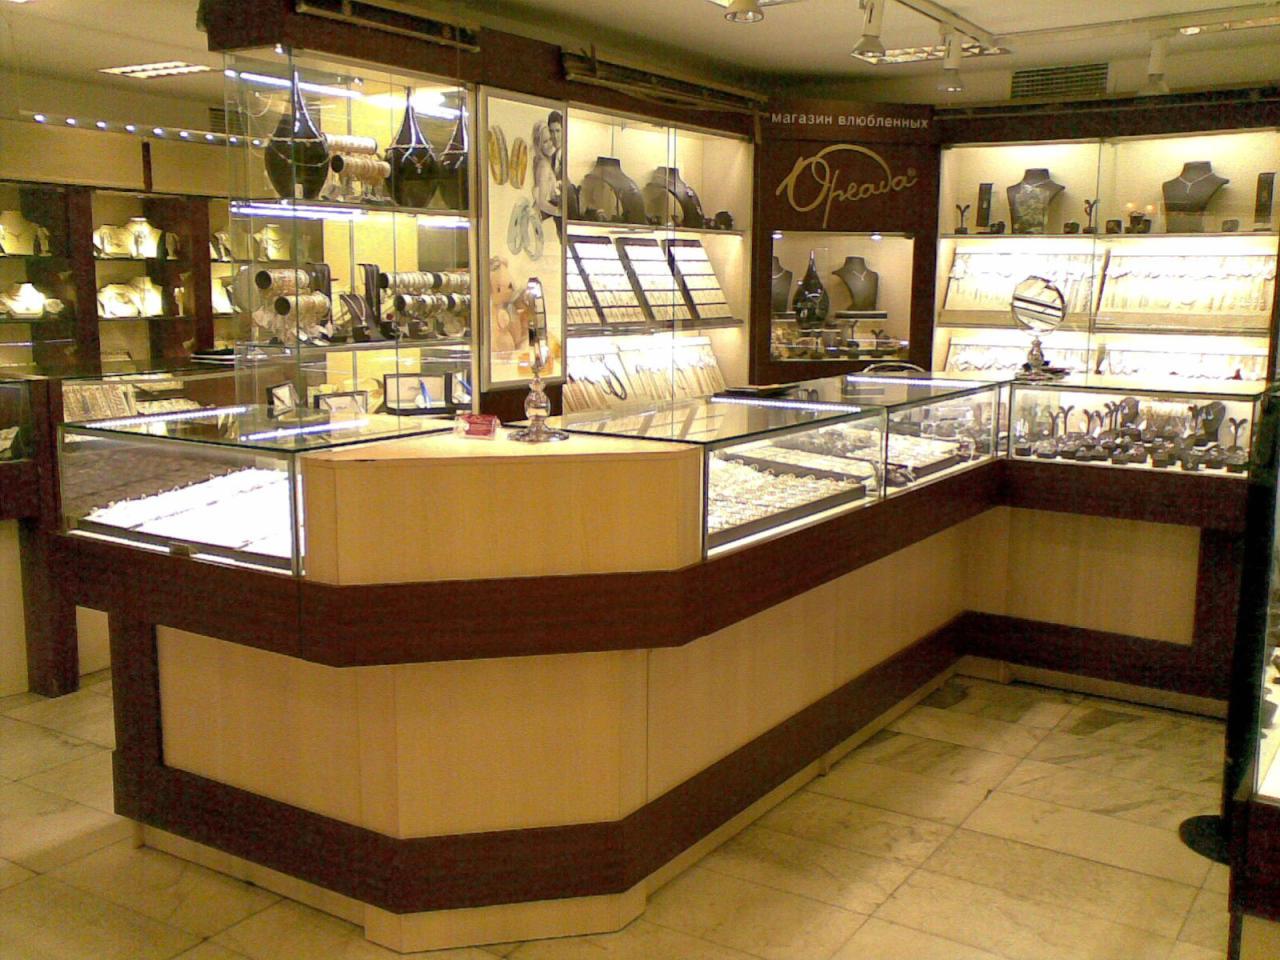 Вооруженный налет совершен наювелирный магазин в столице России